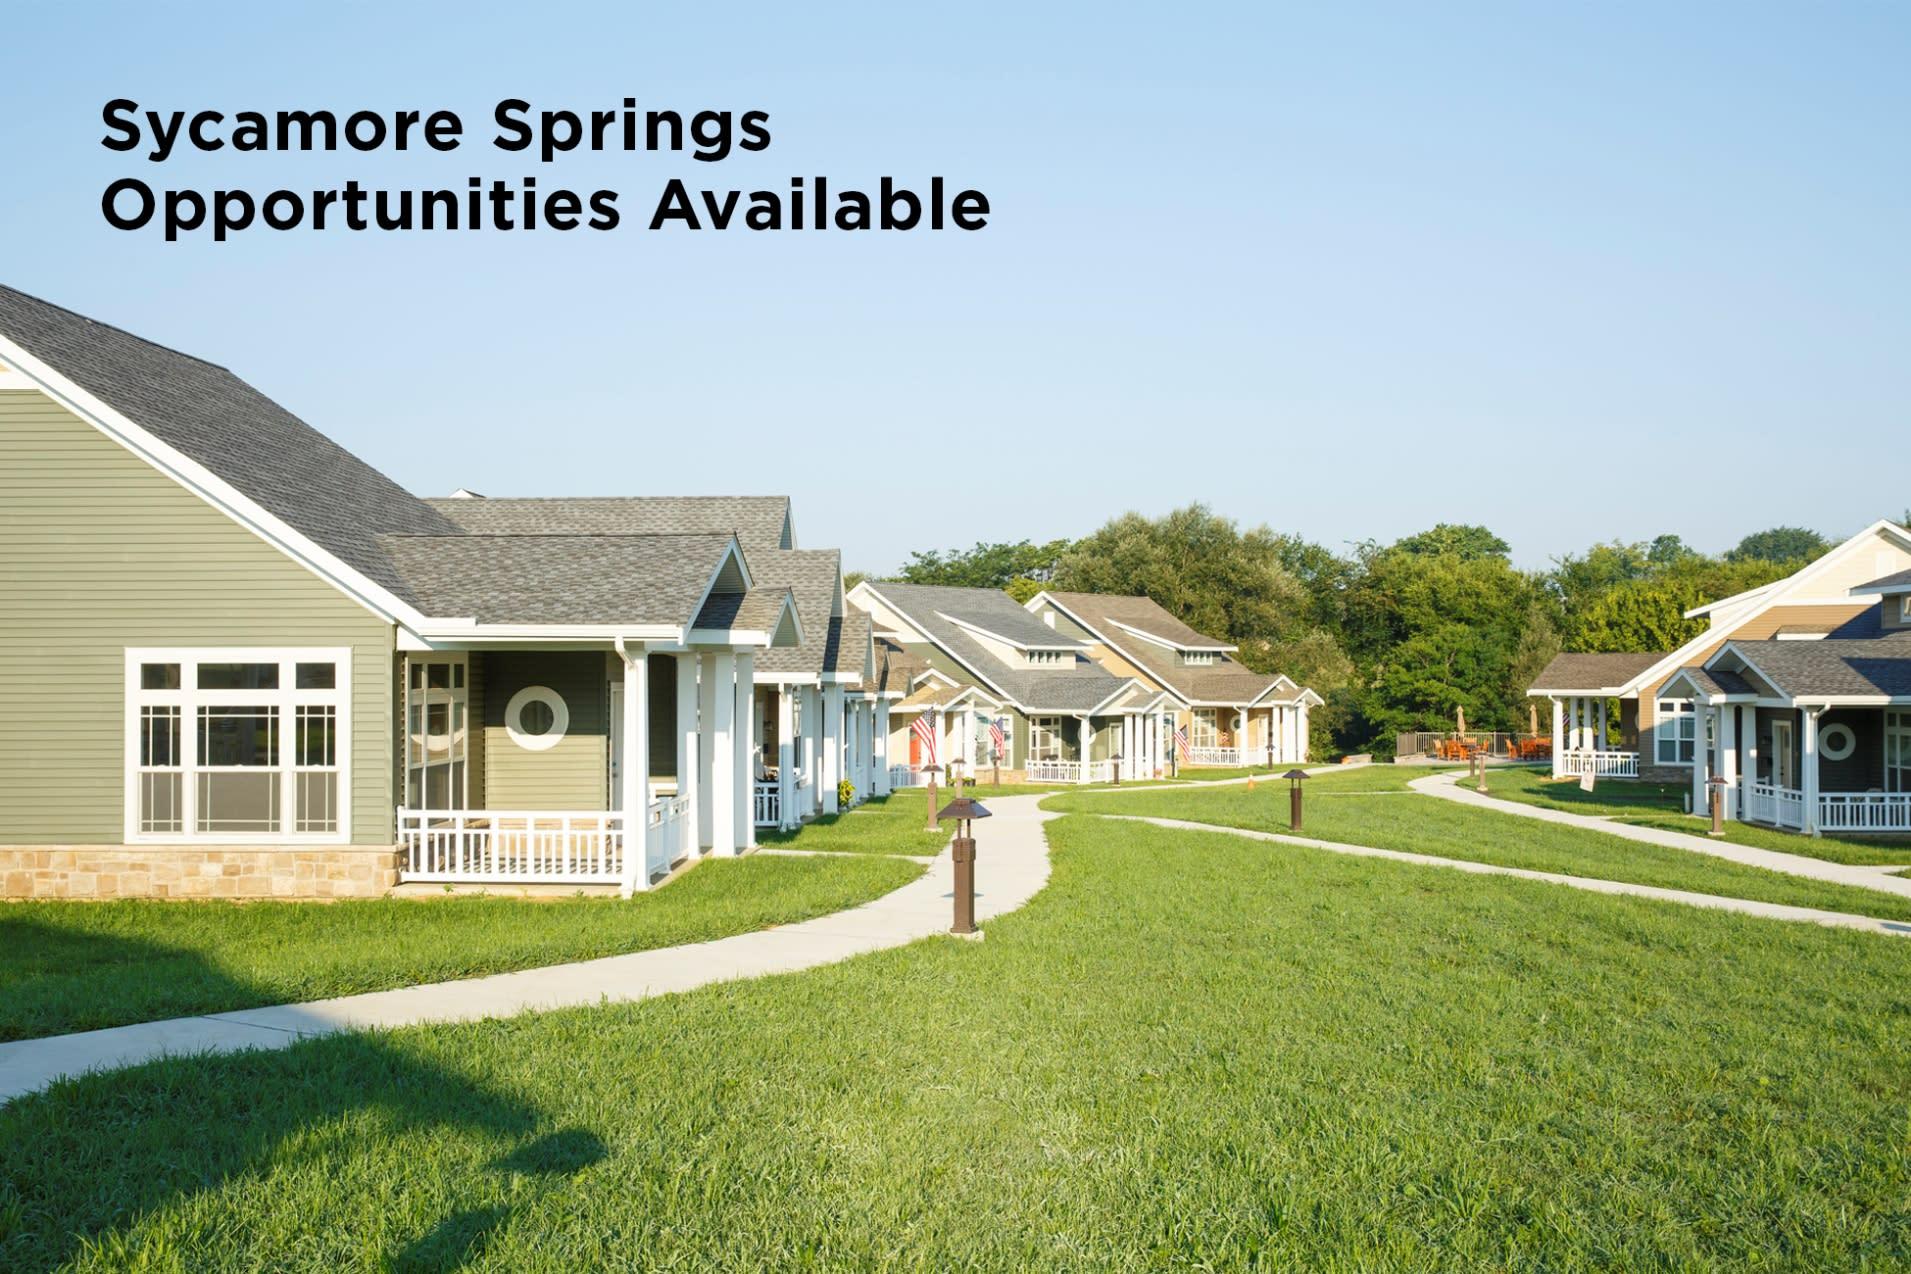 sycamore springs - Garden Spot